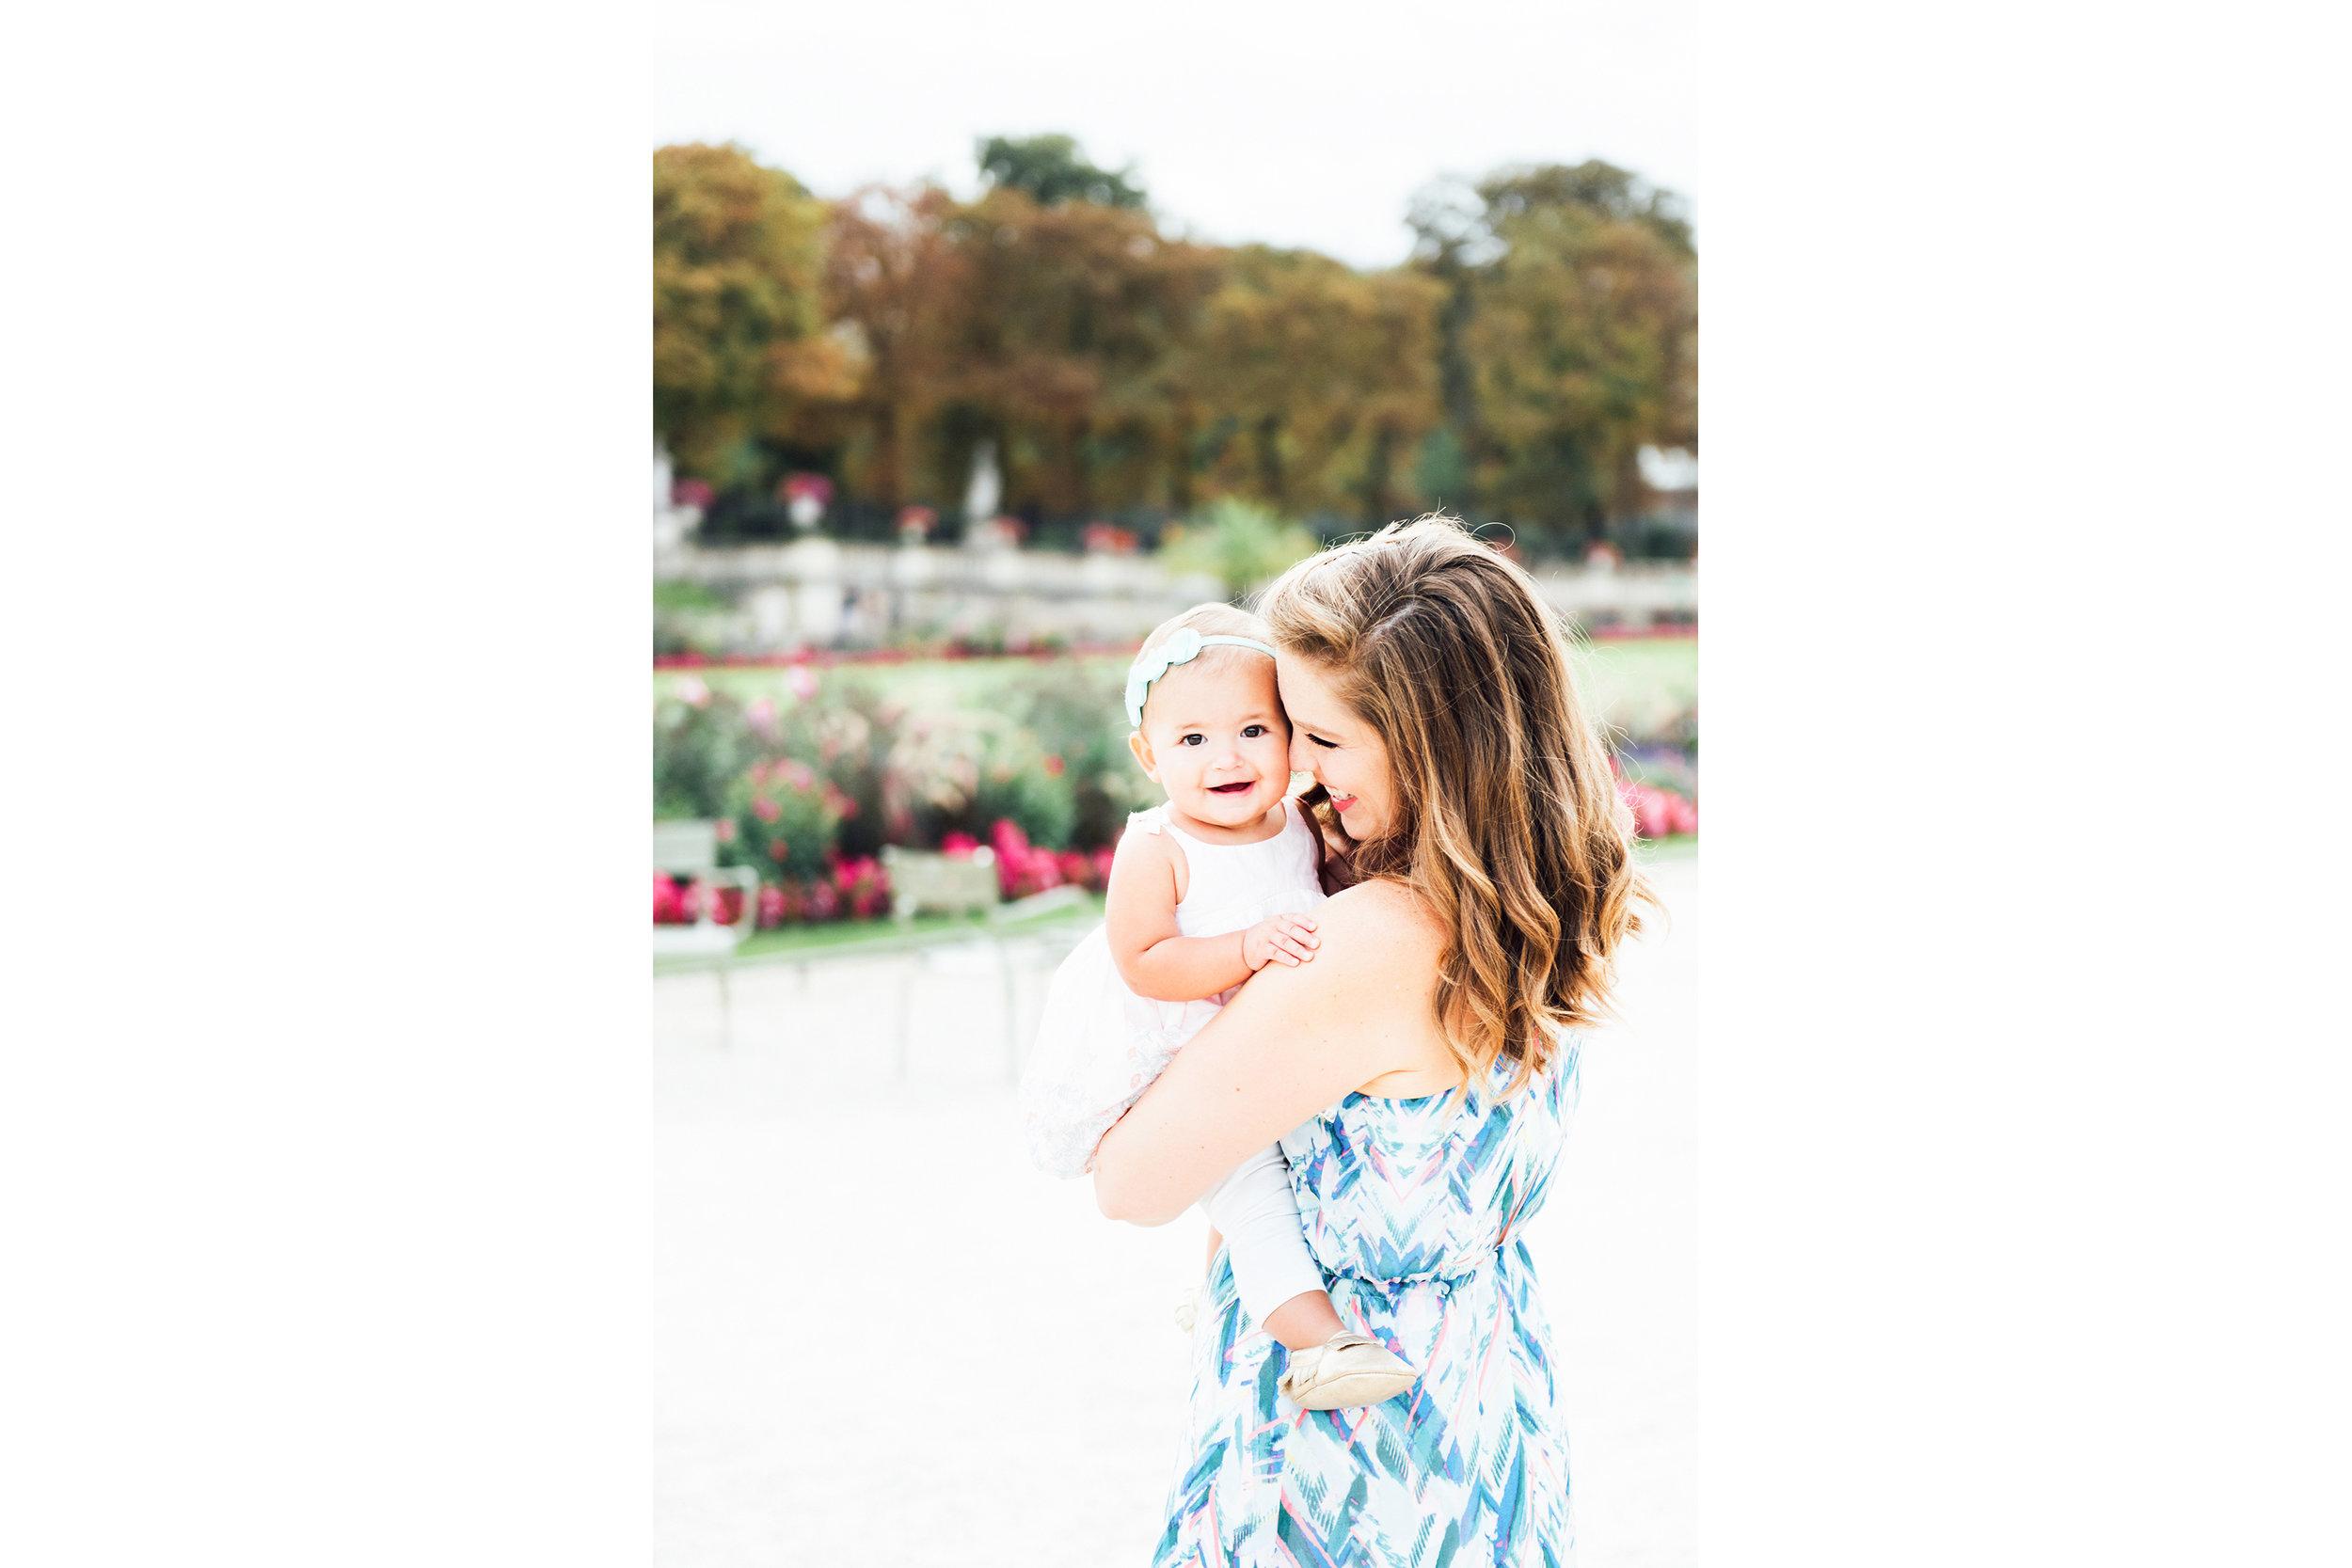 Katie_Mitchell_Paris_France_Family_Portrait_Photographer_17.jpg